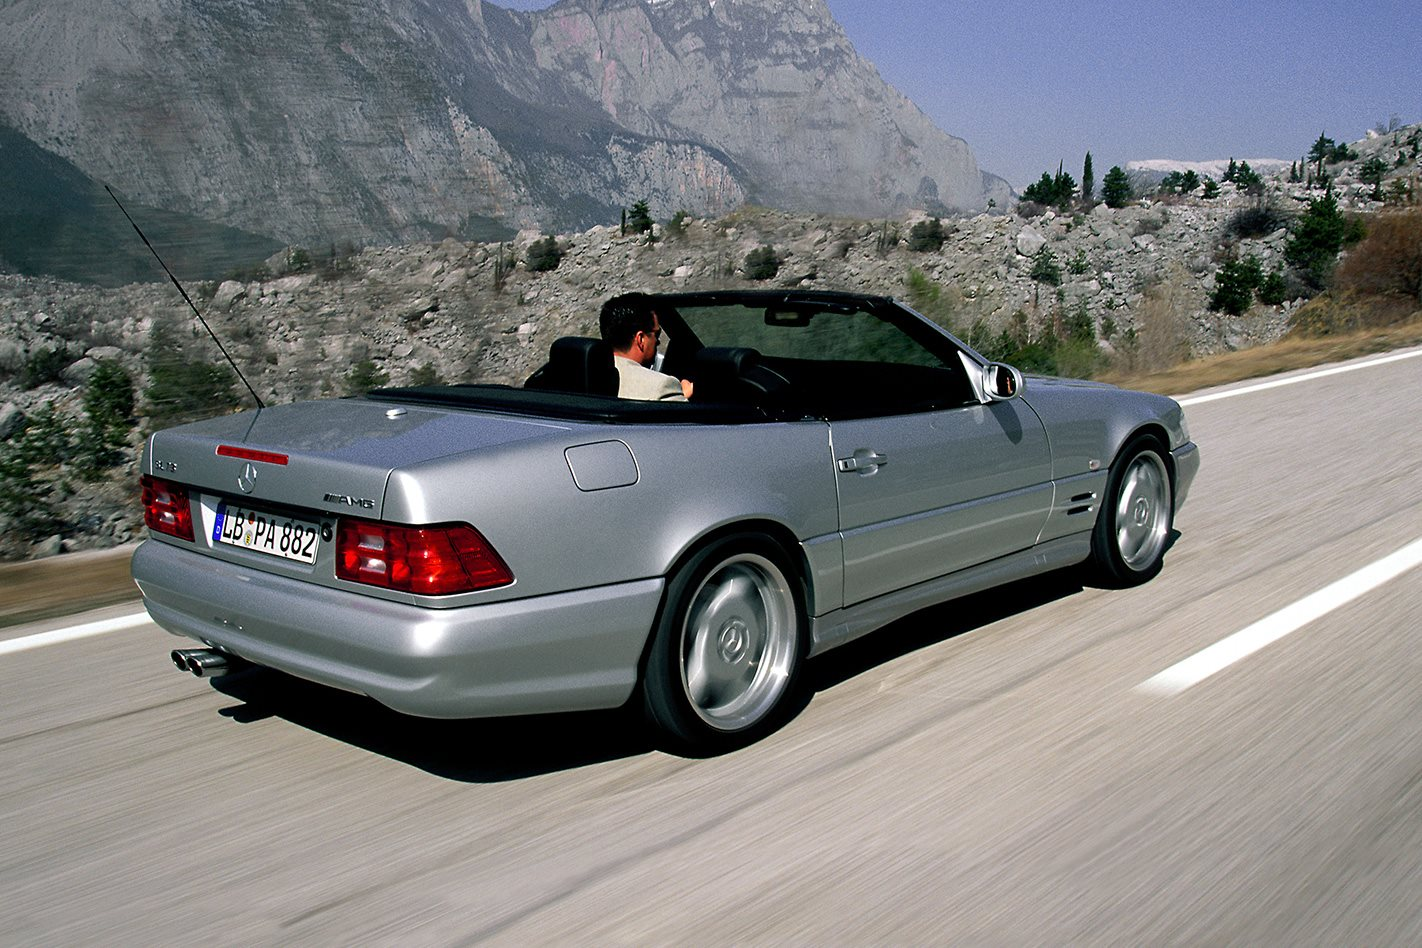 SL73 AMG rear